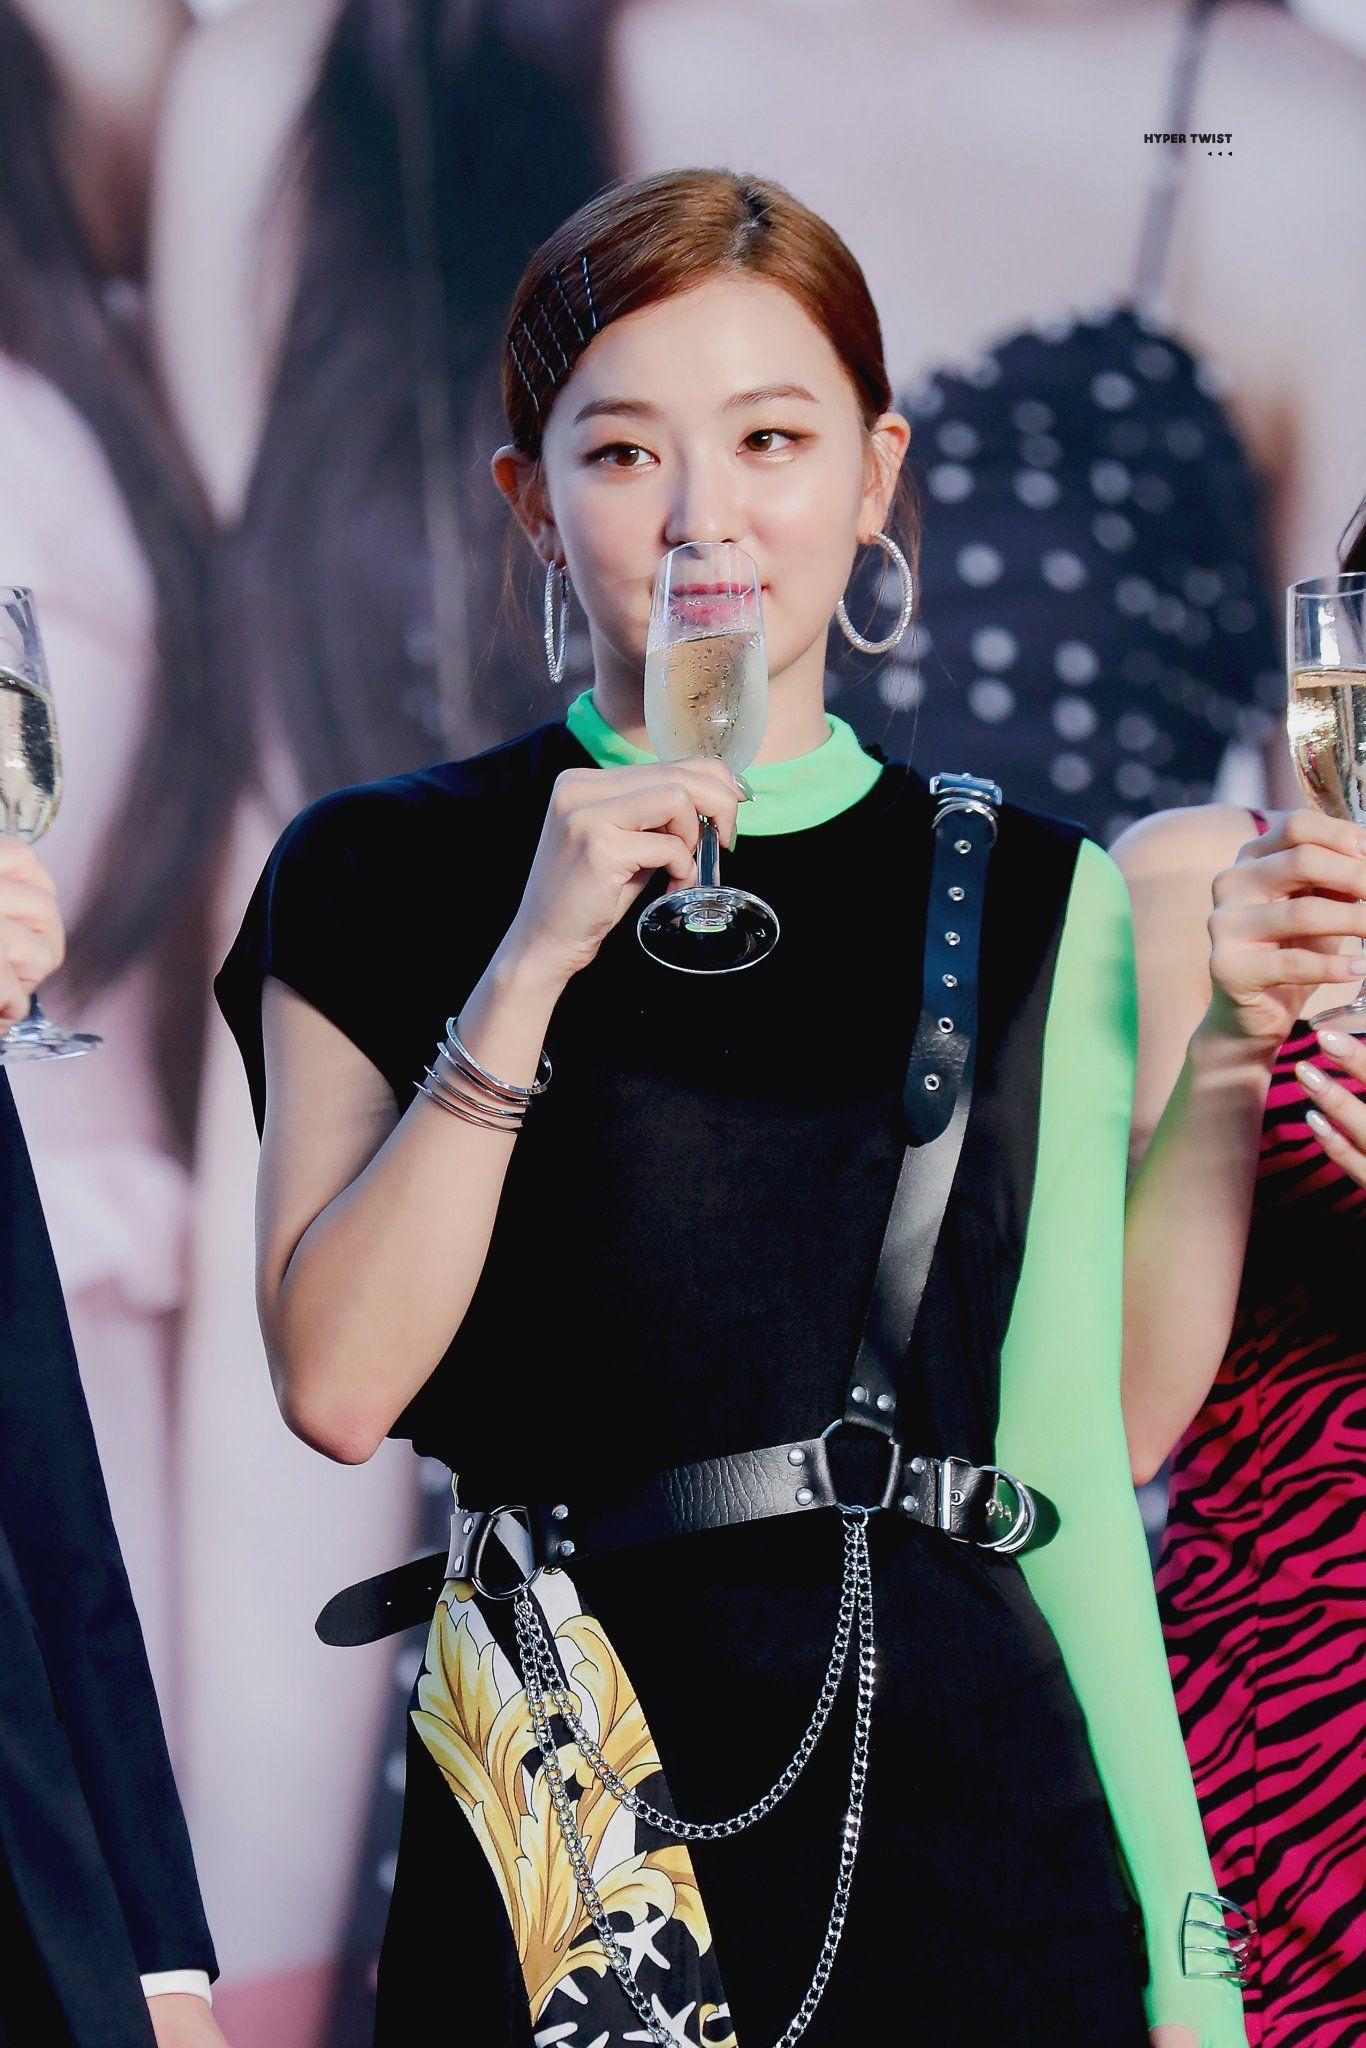 Hyper Twist On Twitter Seulgi Red Velvet Seulgi Kpop Fashion